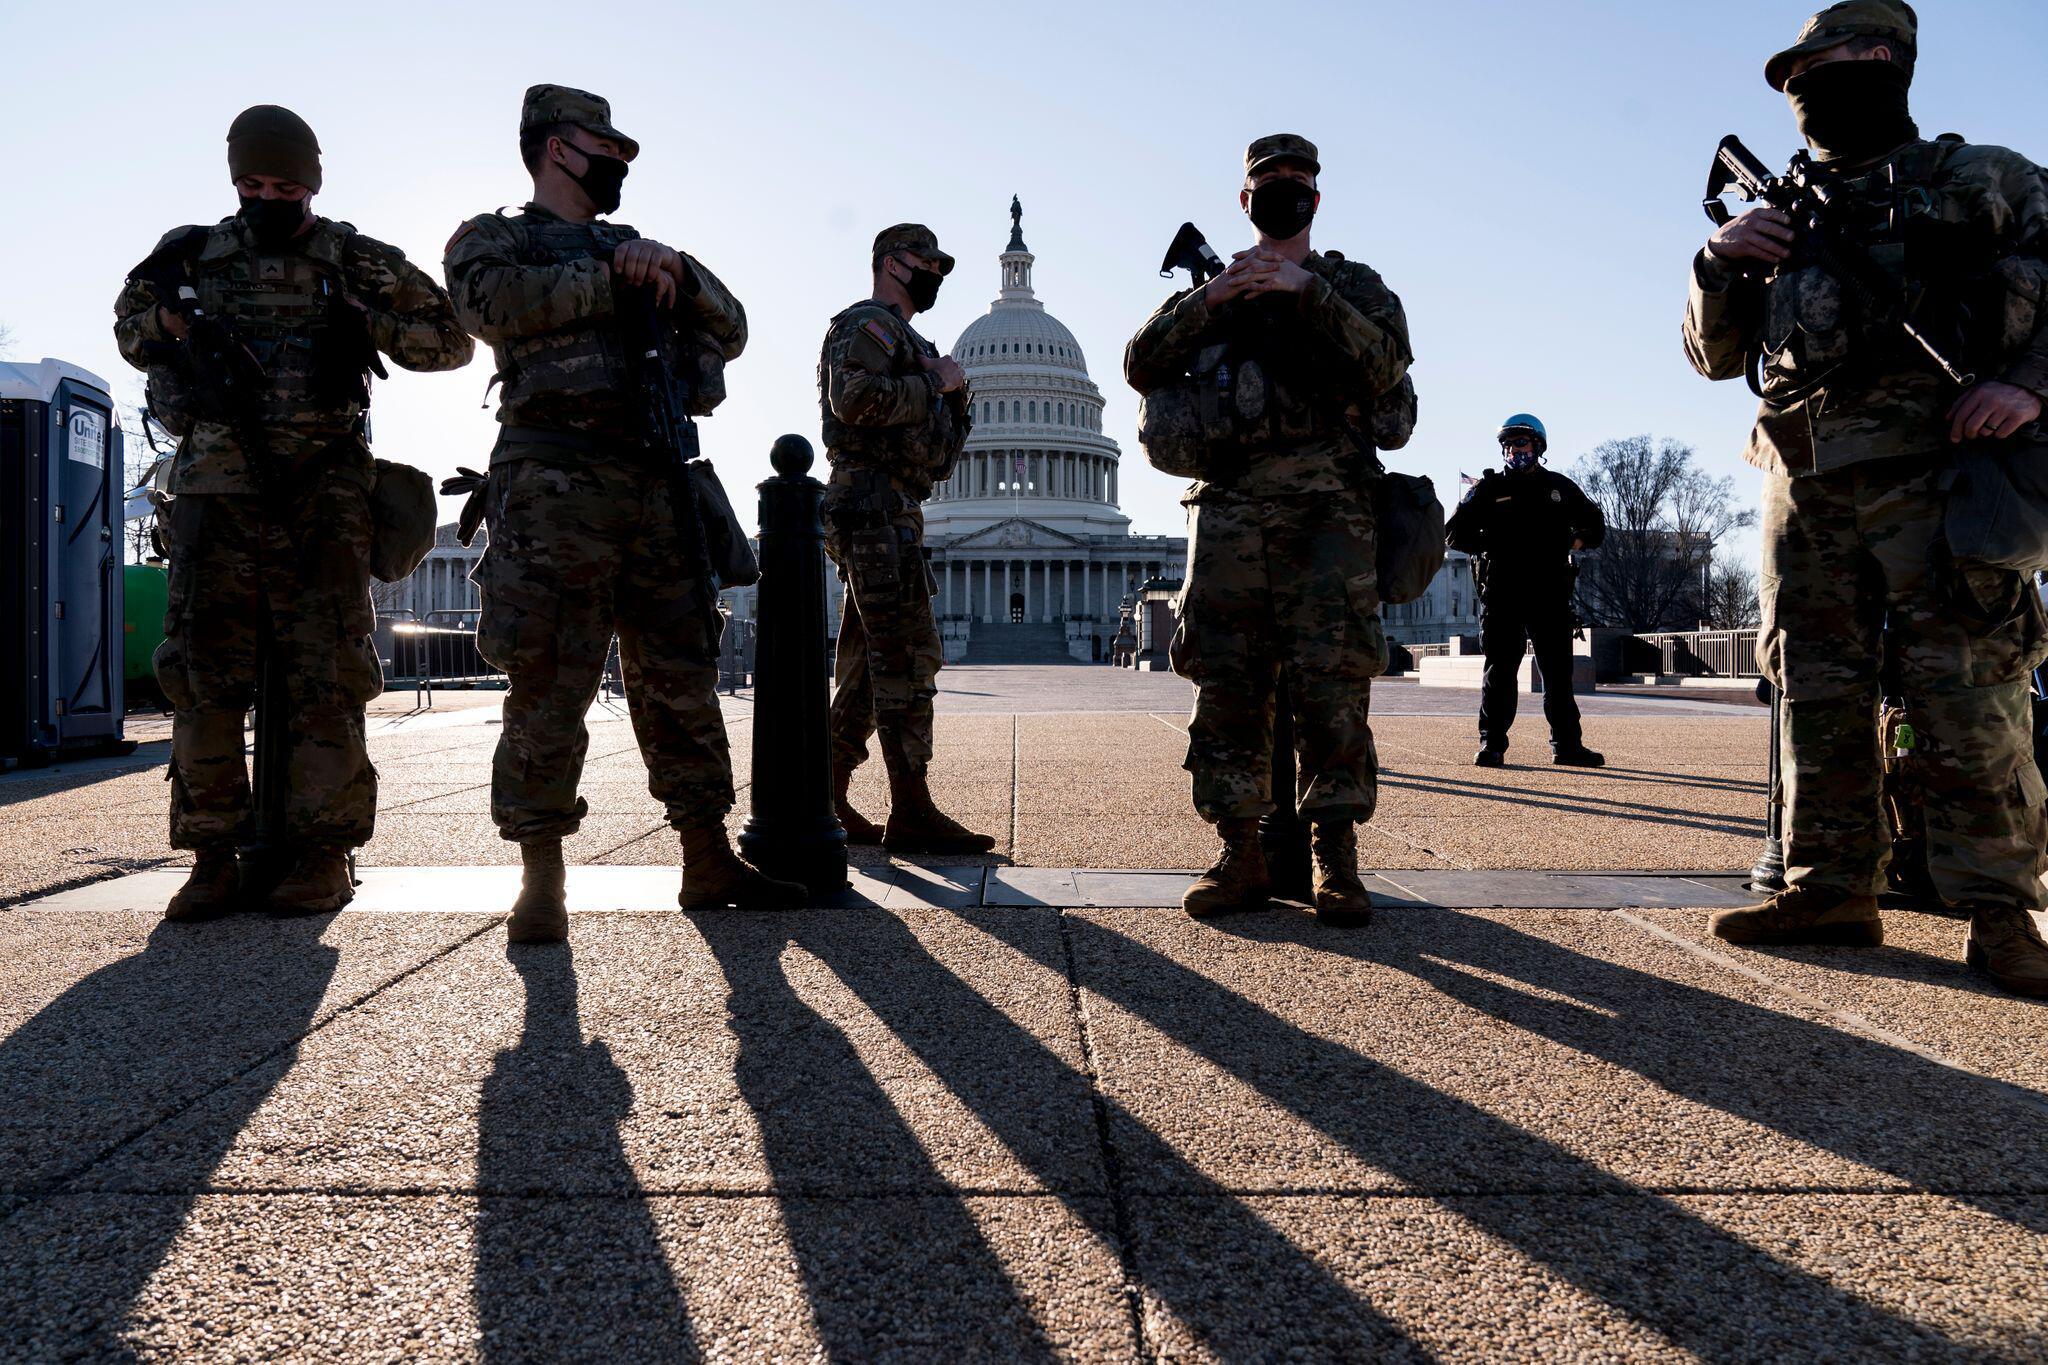 Bild zu Hinweise auf möglichen erneuten Angriff auf Kongress